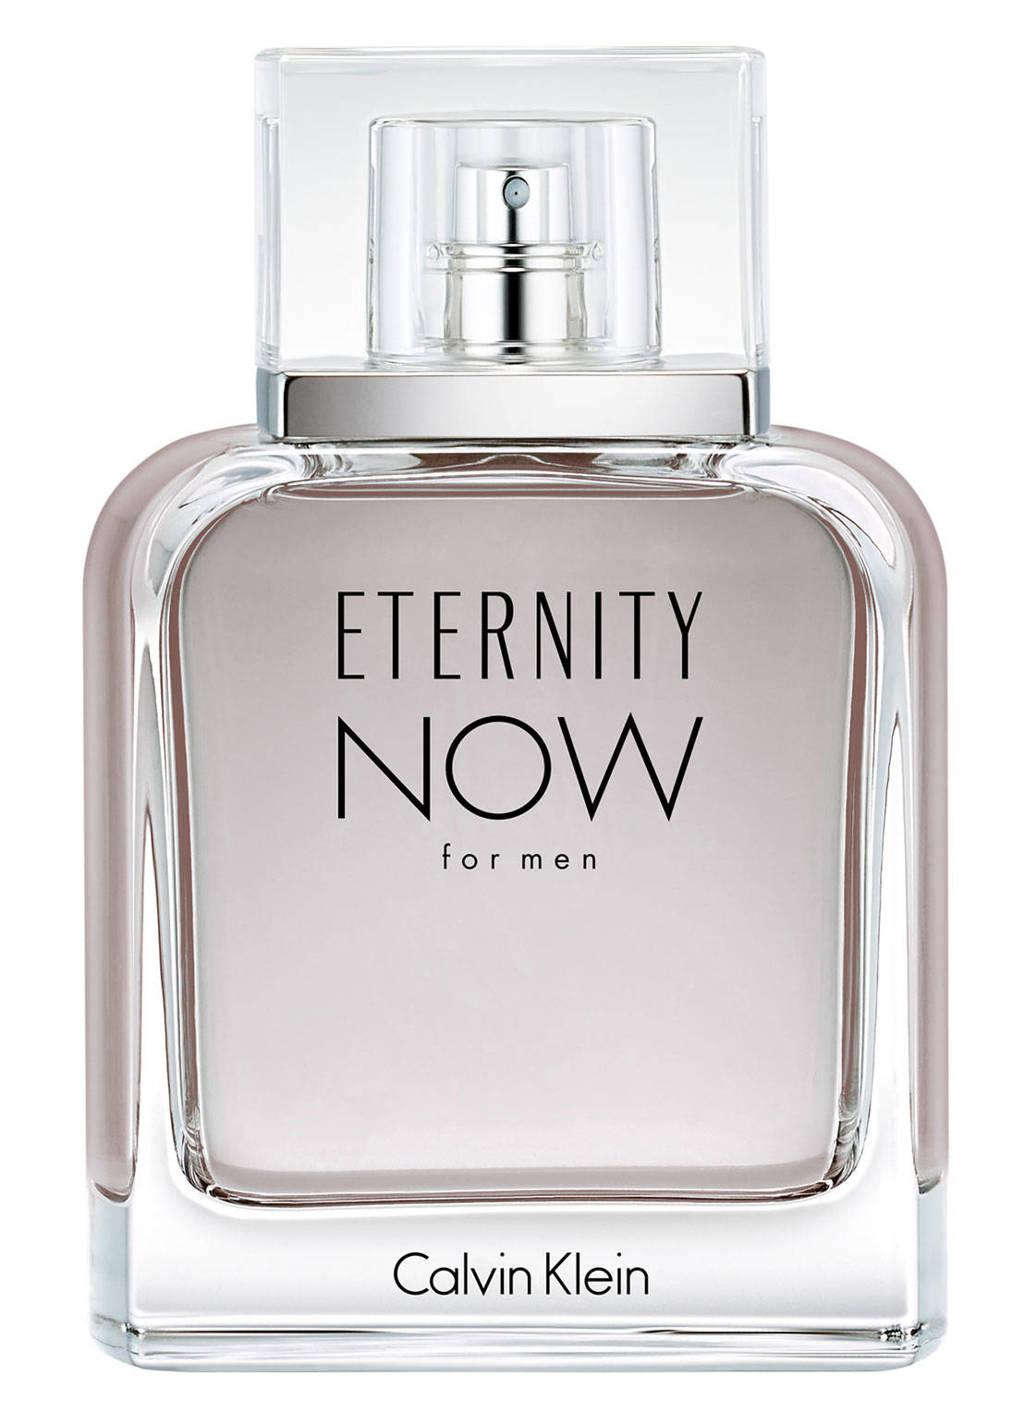 Eternity Now for Men eau de toilette -  100 ml